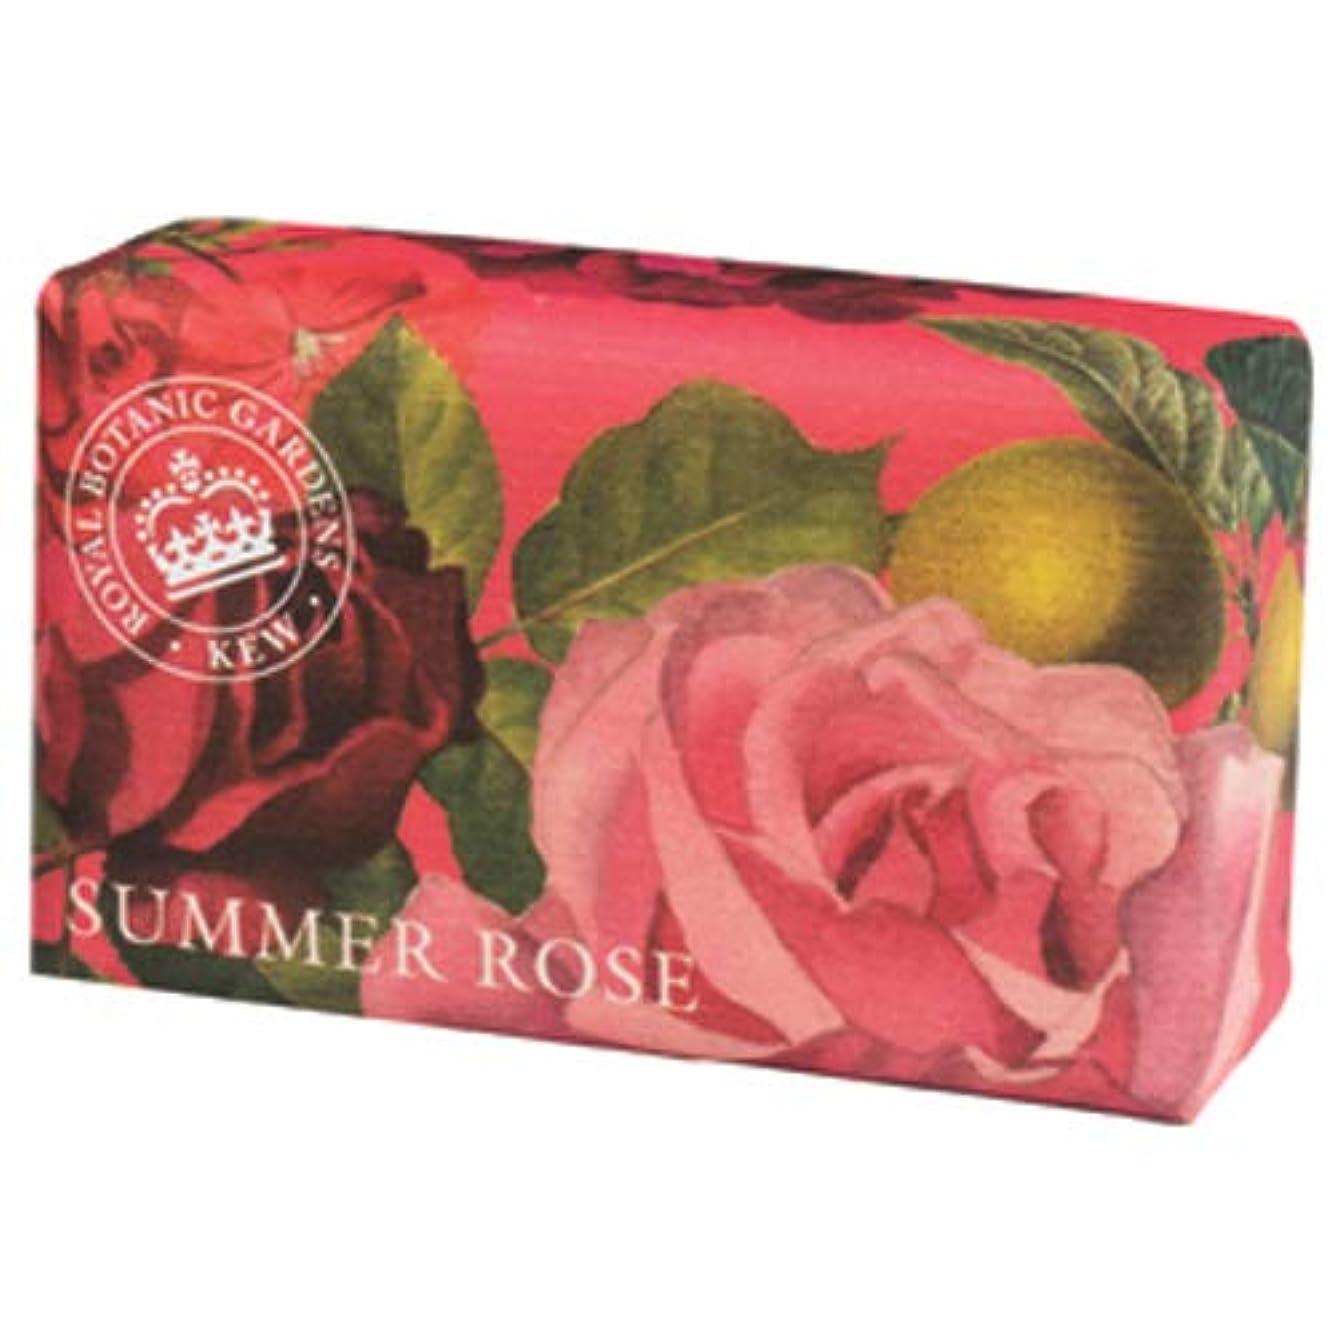 抽象化コメントナースEnglish Soap Company イングリッシュソープカンパニー KEW GARDEN キュー?ガーデン Luxury Shea Soaps シアソープ Summer Rose サマーローズ